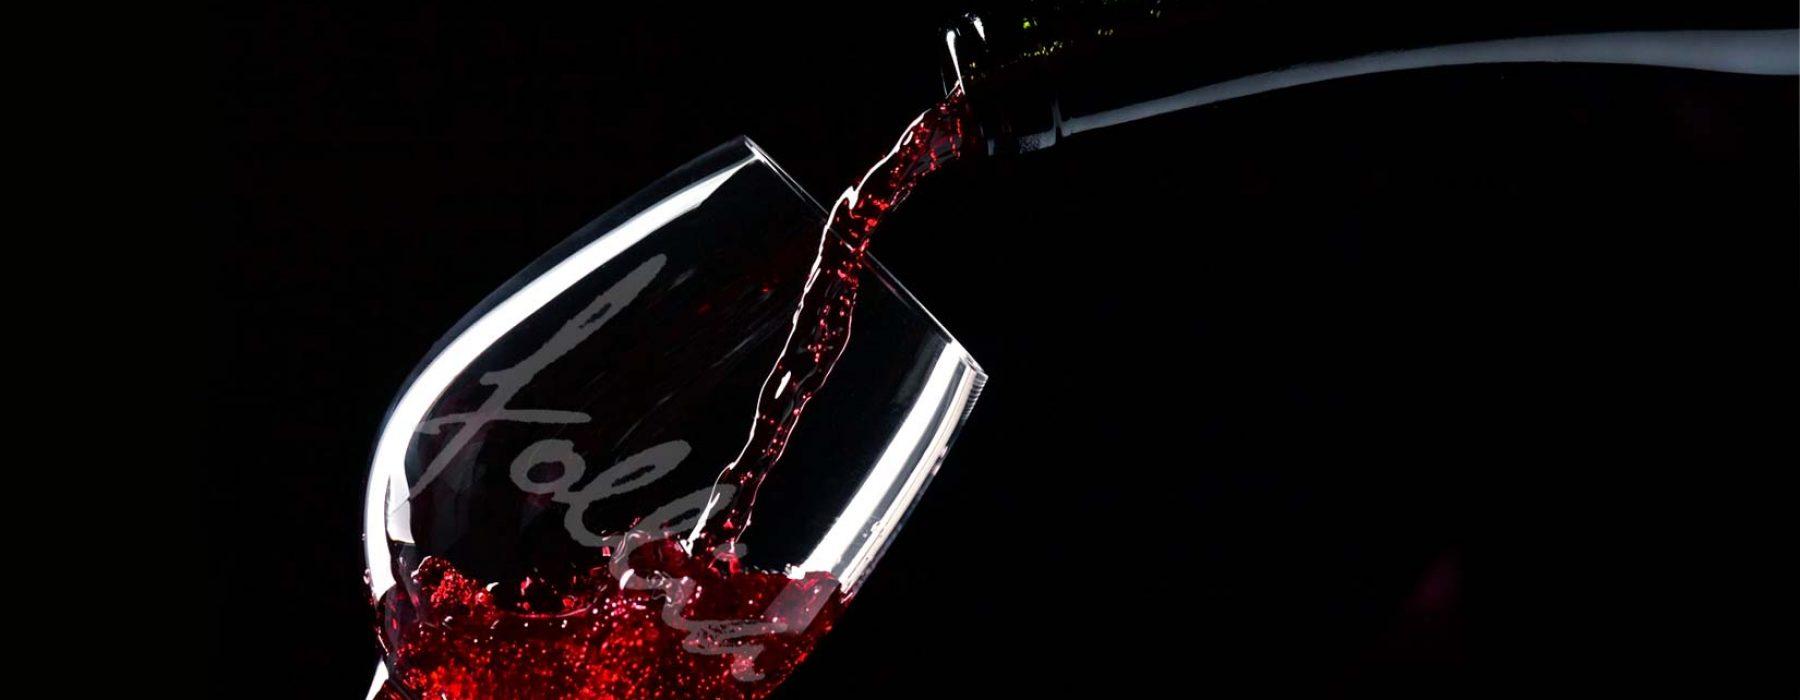 Piana dei Castelli: نبيذ الحب